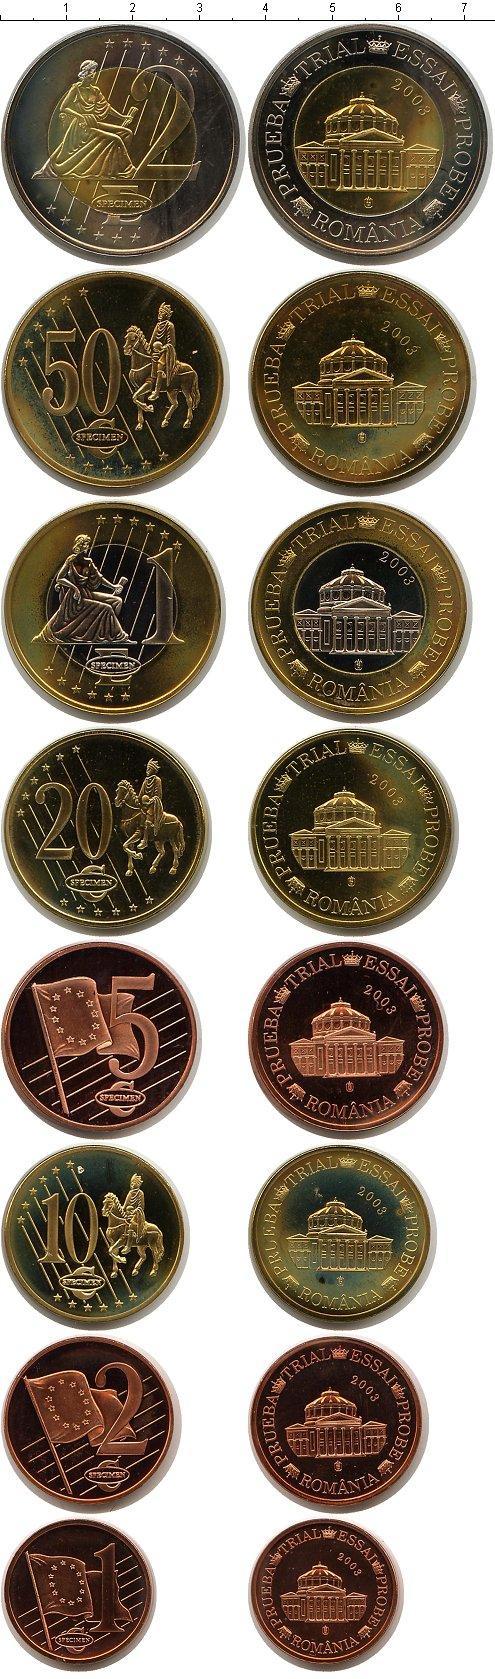 Каталог монет - Румыния Румыния 2003